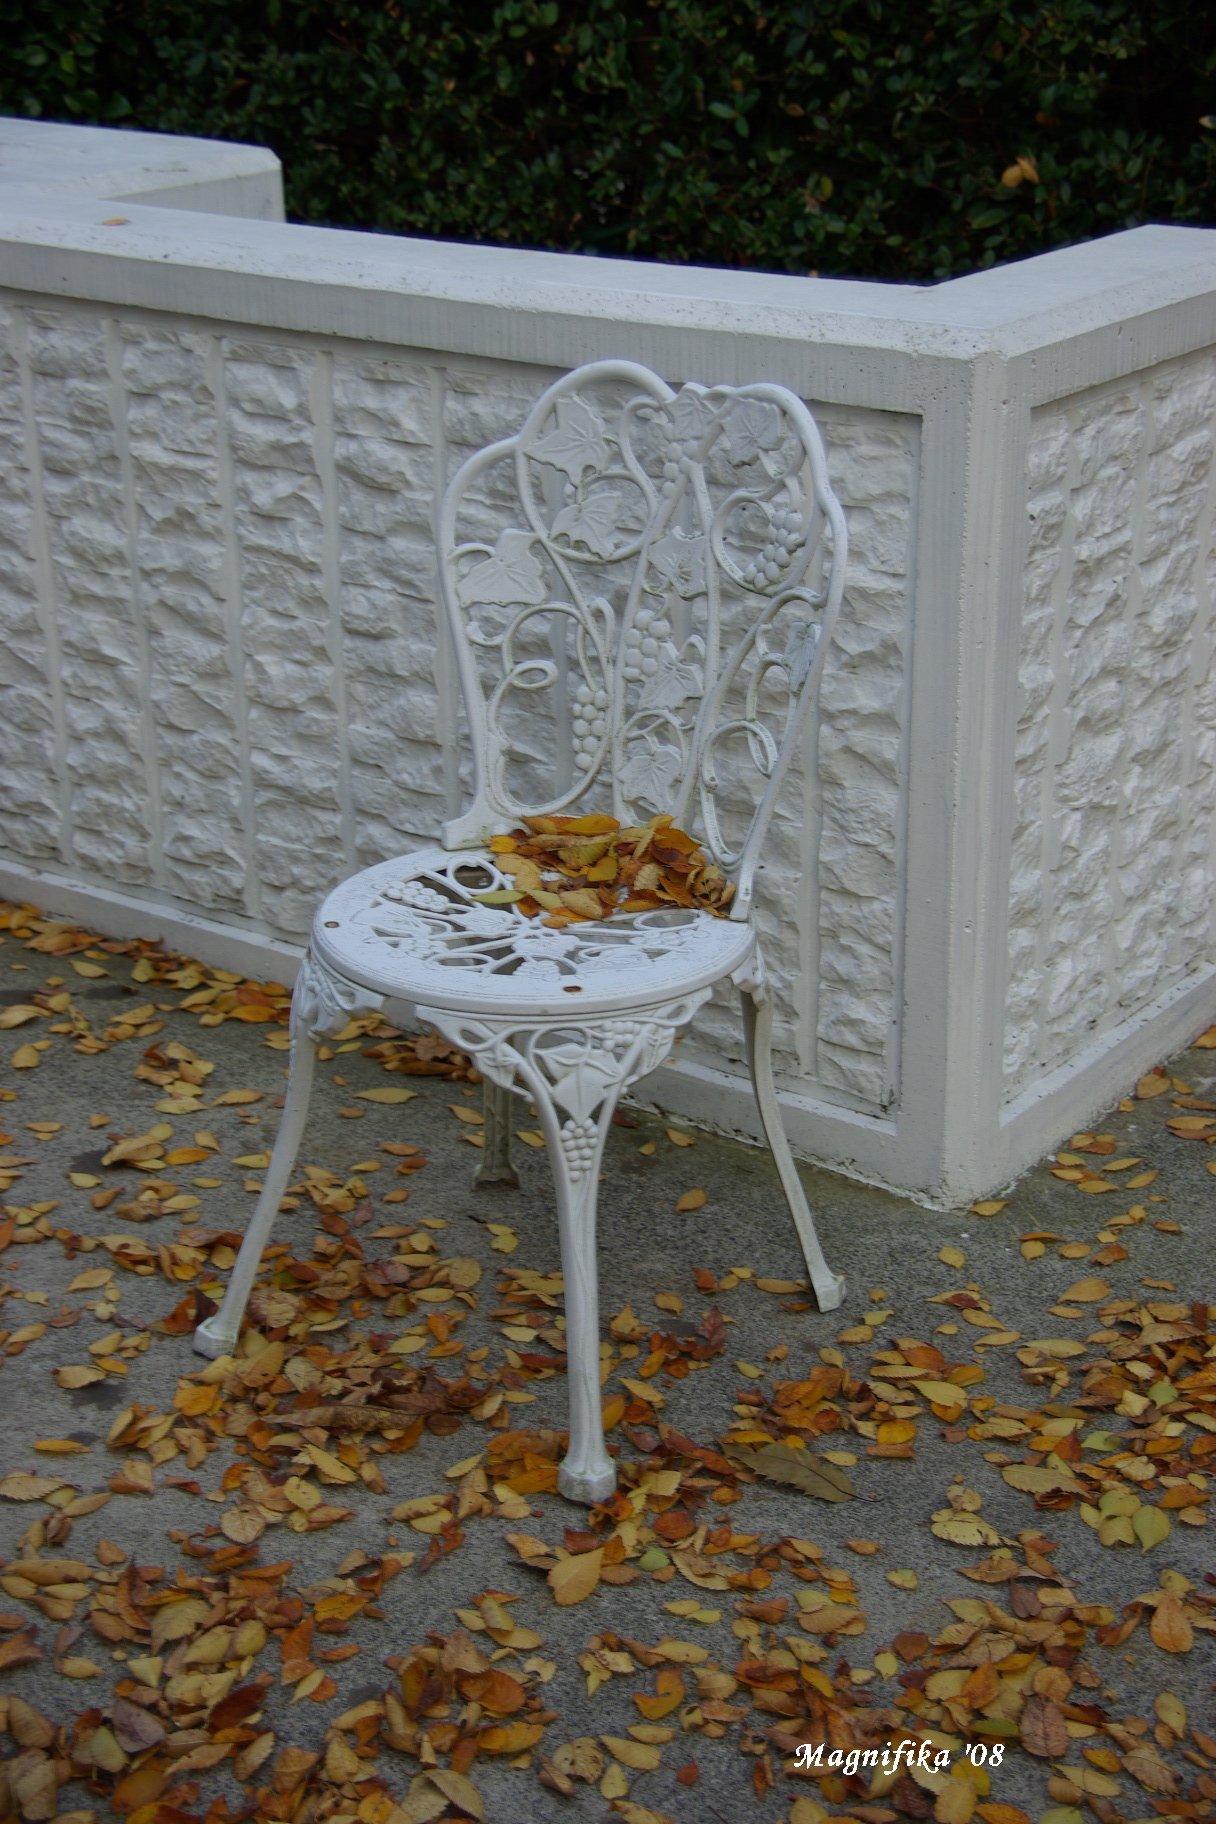 庭の贈物:落葉 gift from my garden: Fallen leaves_e0140365_20435661.jpg